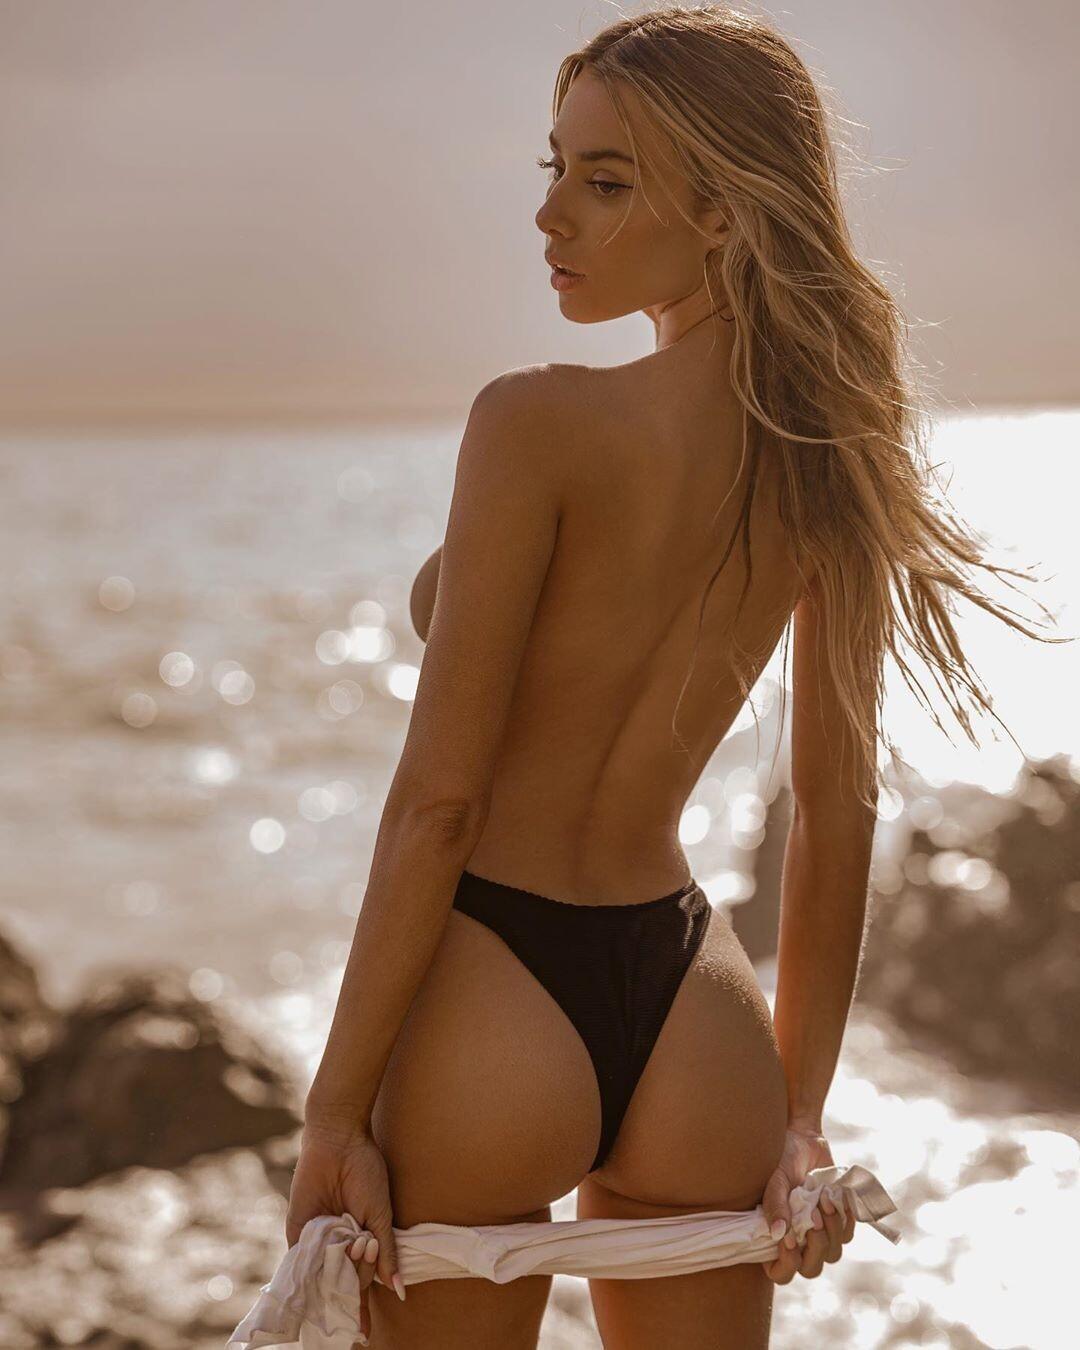 Celeste Bright Naked